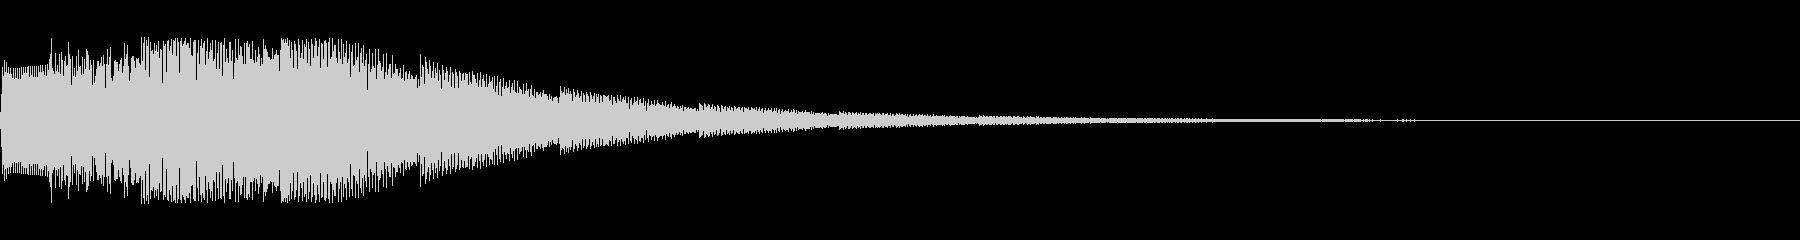 電子音 場面転換4の未再生の波形